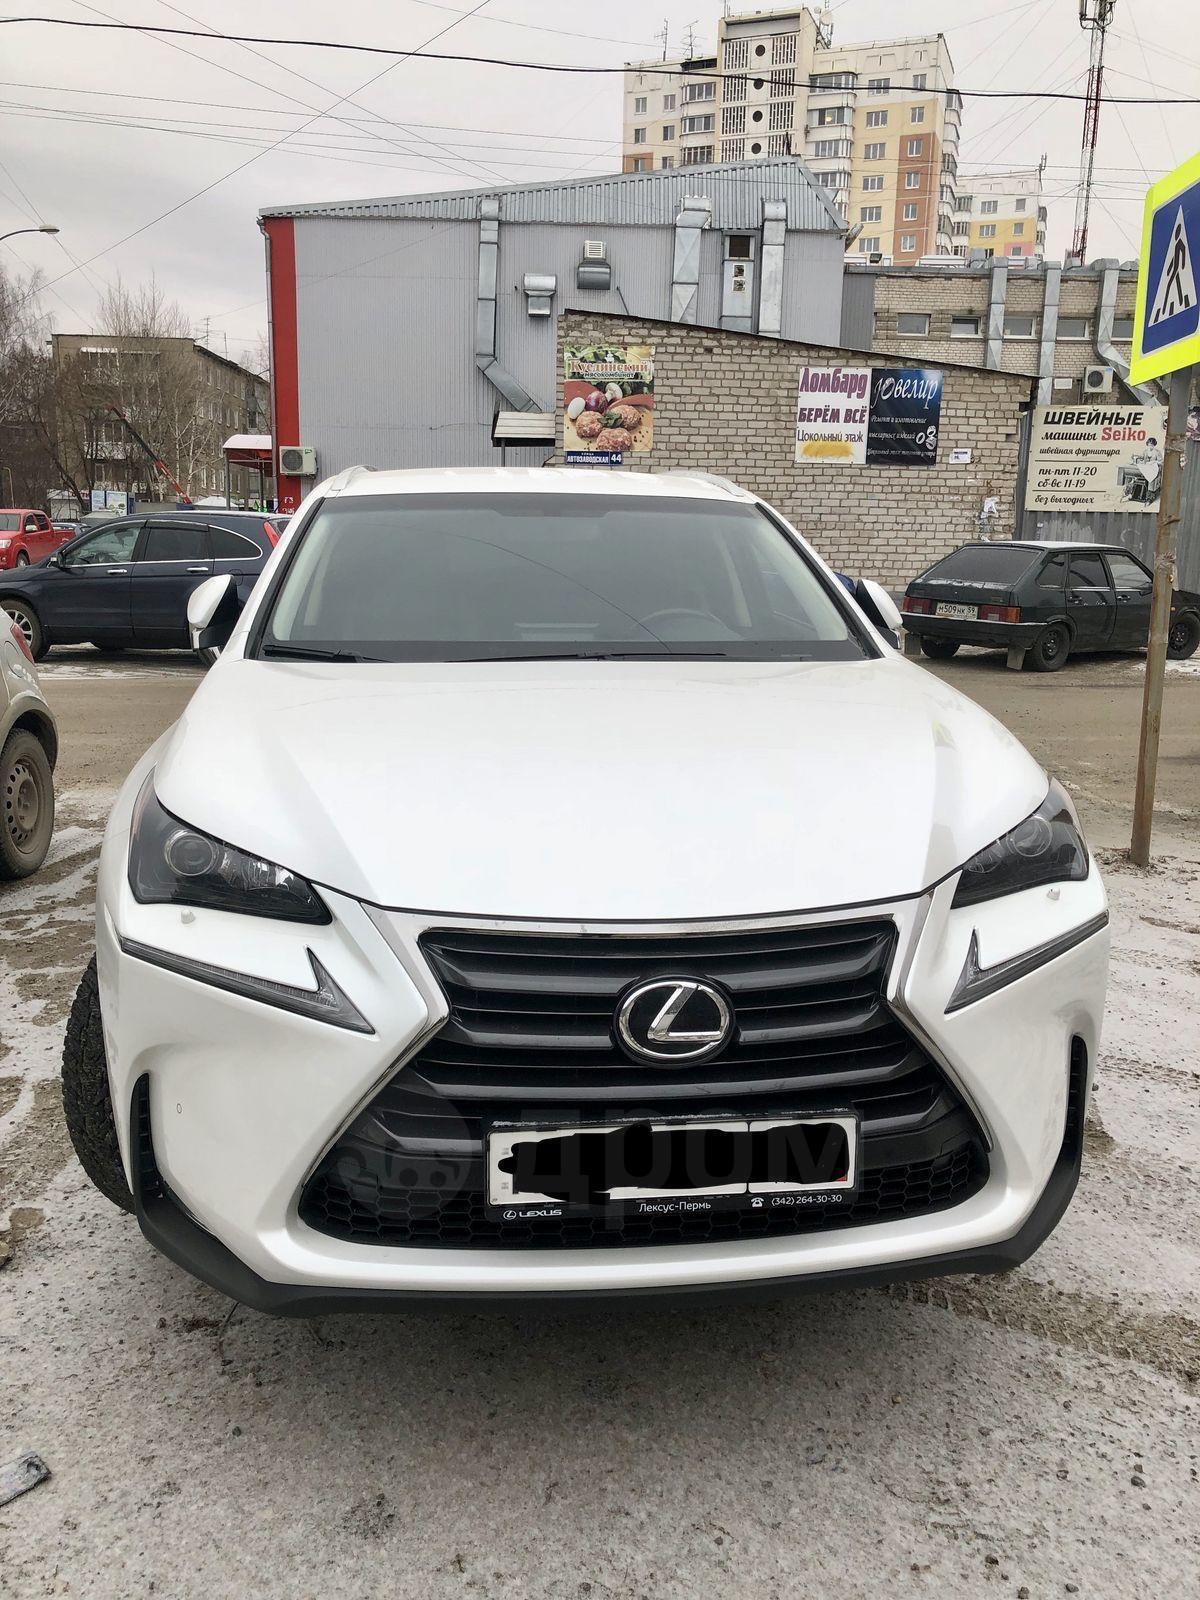 Авто с ломбарда в перми ломбард автомобилей в москве купить